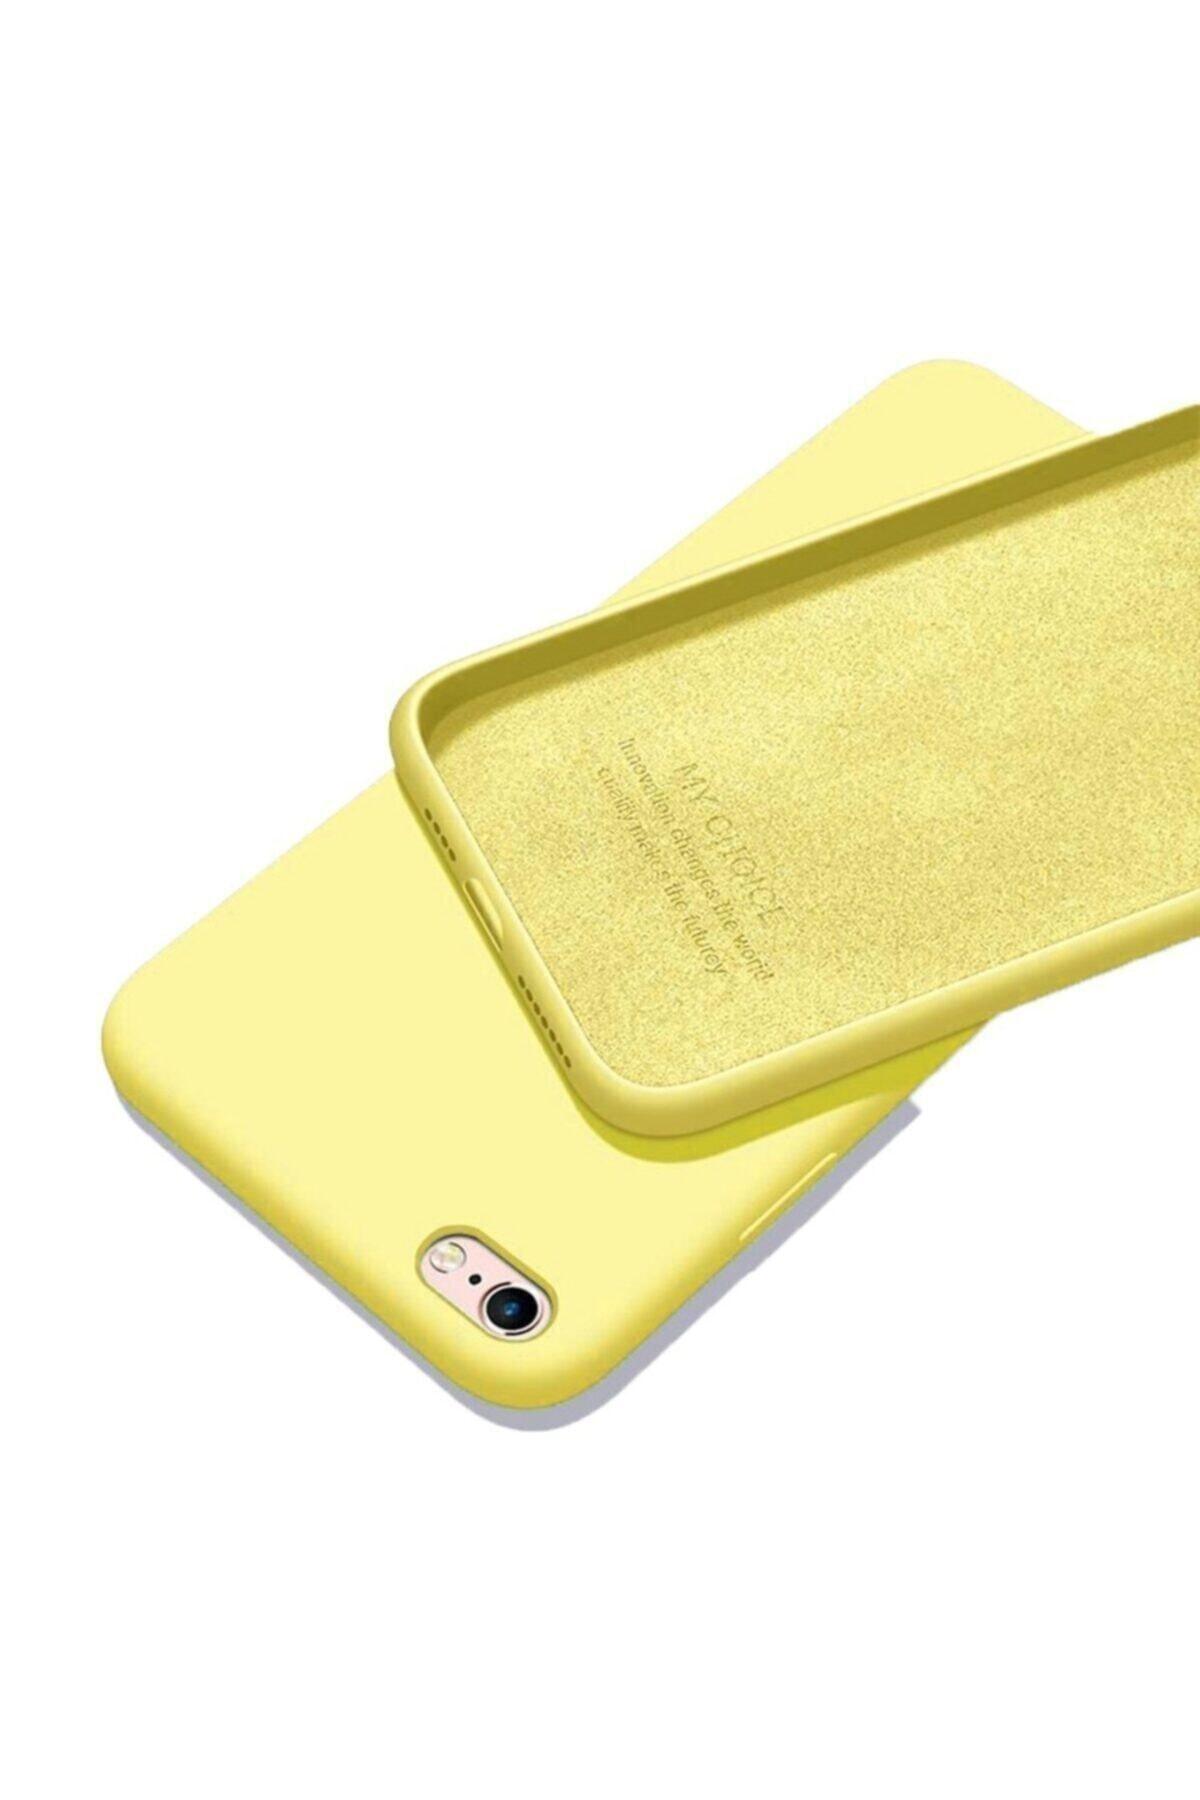 Mopal Iphone 6 / 6s Uyumlu İçi Kadife Lansman Silikon Kılıf 1